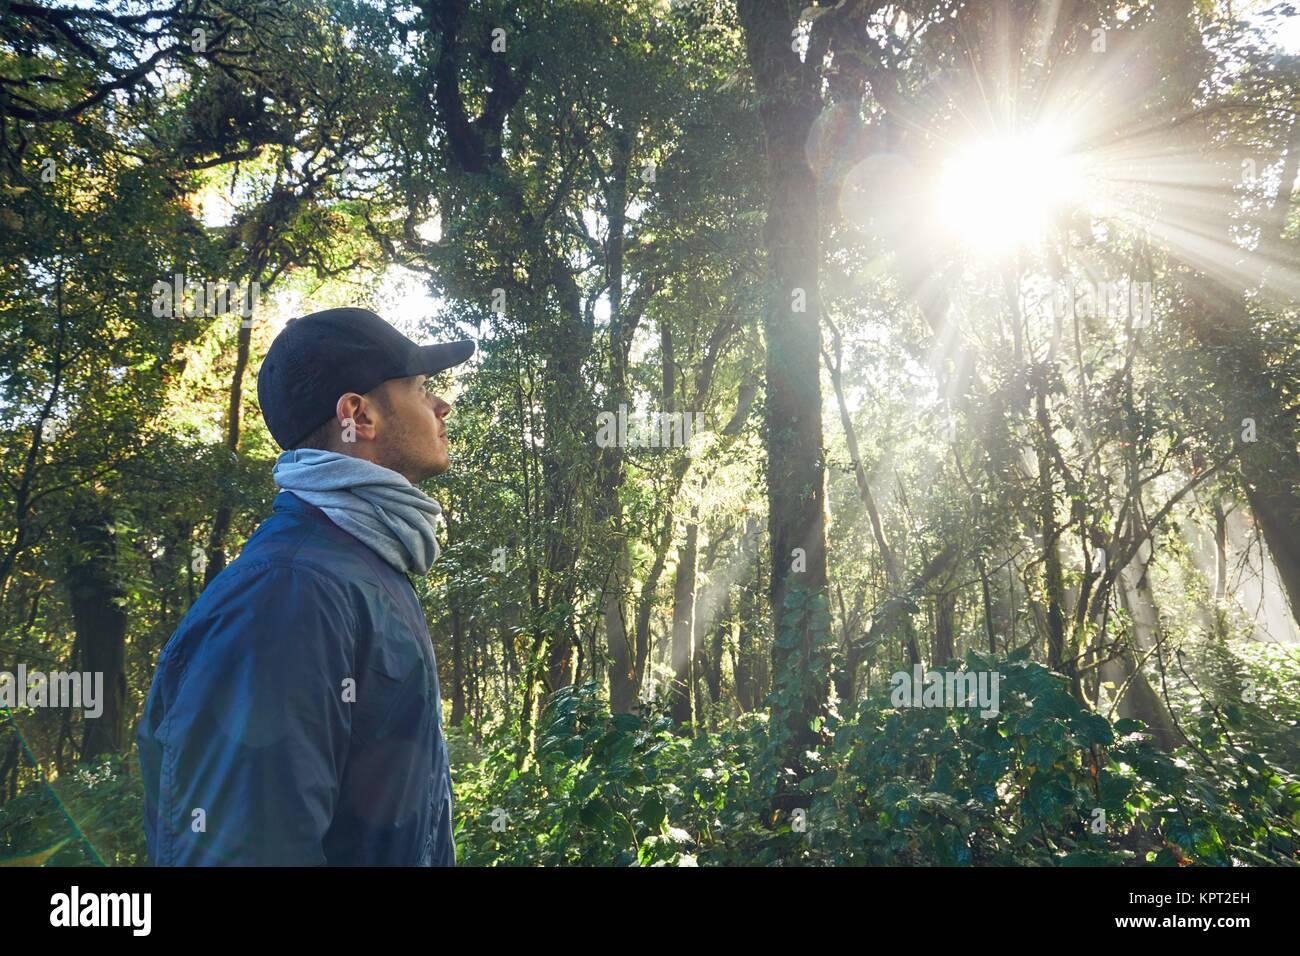 Escursione durante il sunrise. Giovane uomo (traveler) passeggiate nella foresta pluviale tropicale in Thailandia Immagini Stock